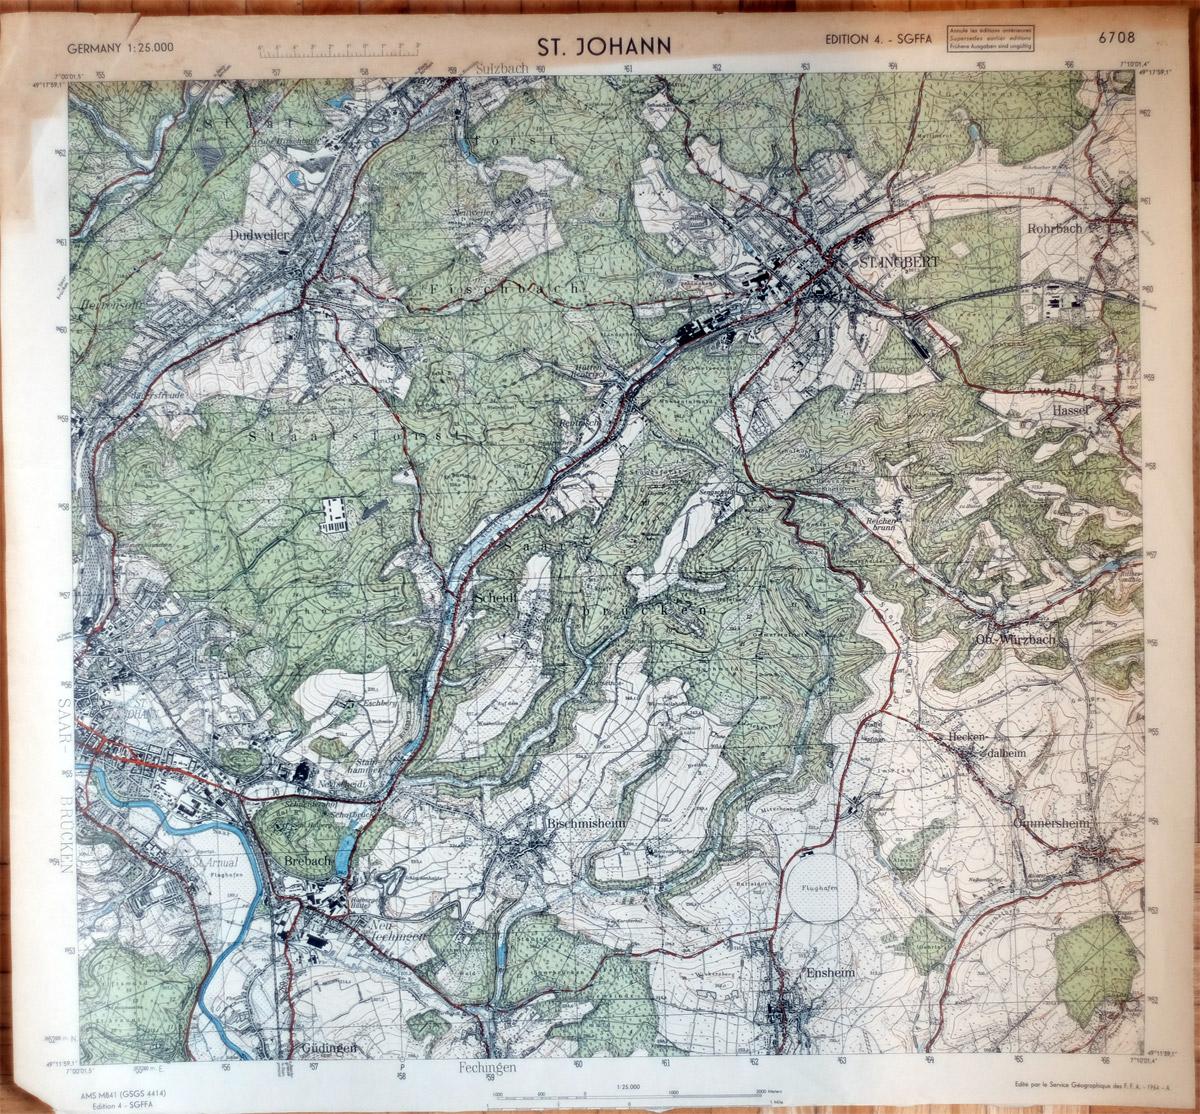 Alte Karte Deutschland 1940.Alte Landkarte Saarbrücken St Johann Und St Ingbert